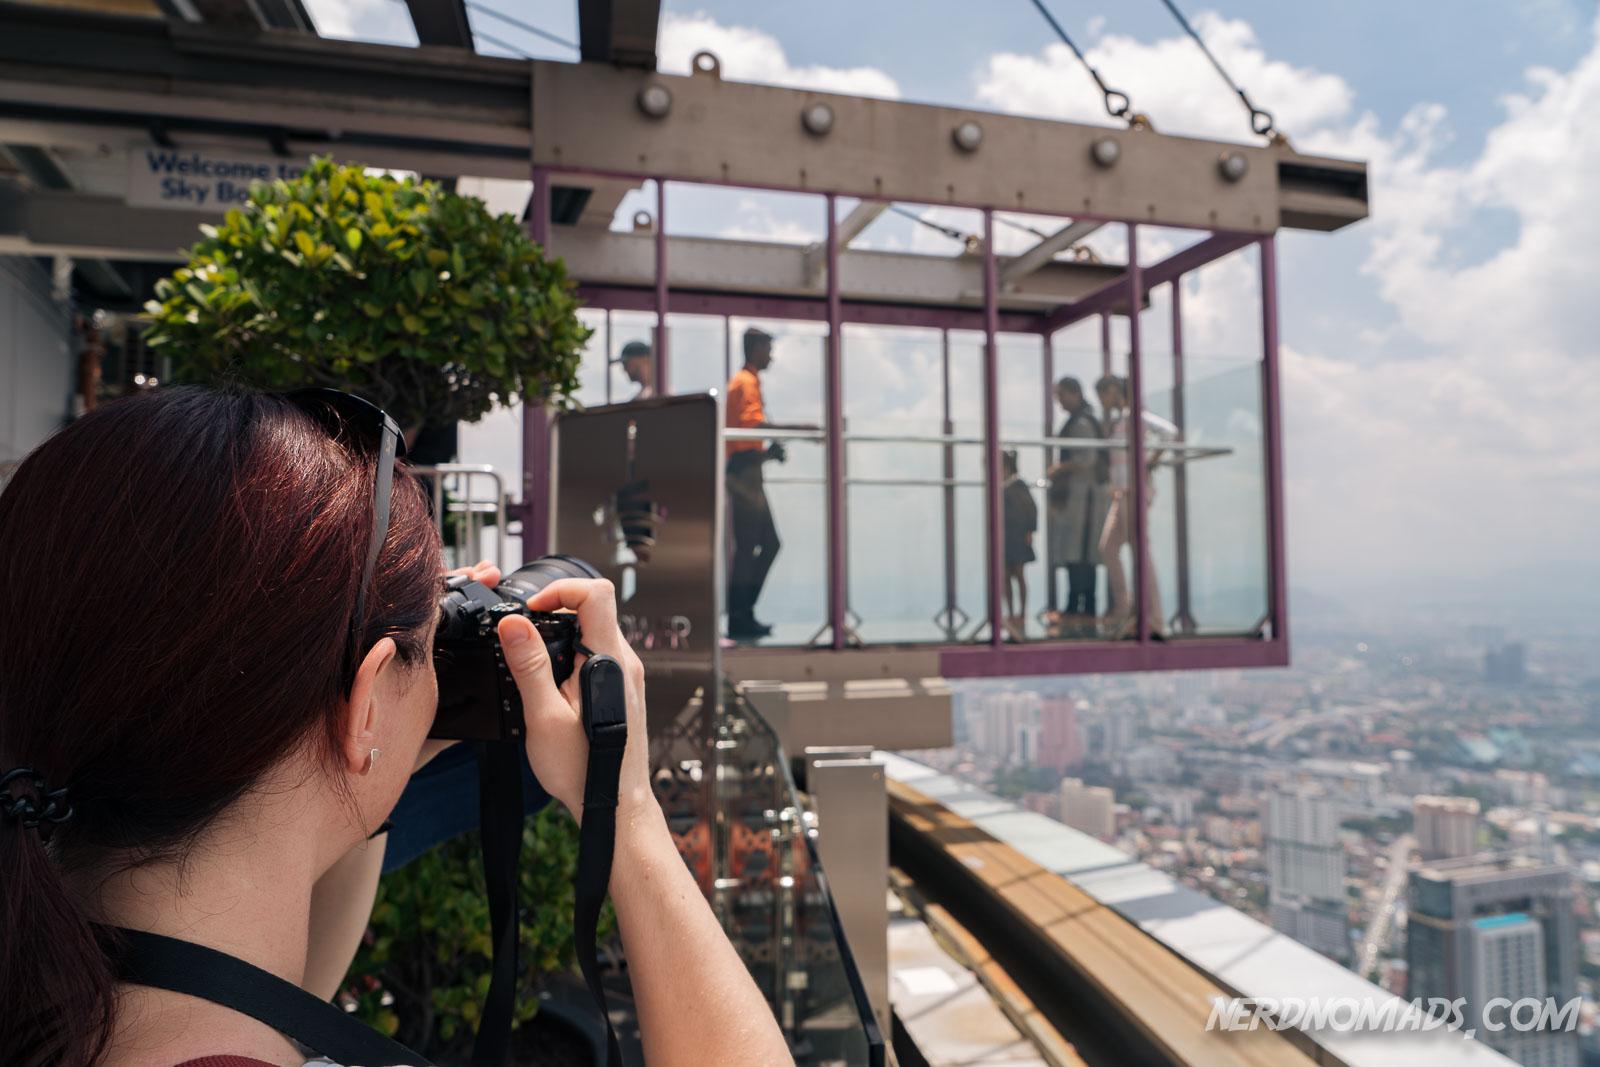 Get A Bird's-Eye View of Kuala Lumpur City - KL Tower - Nerd